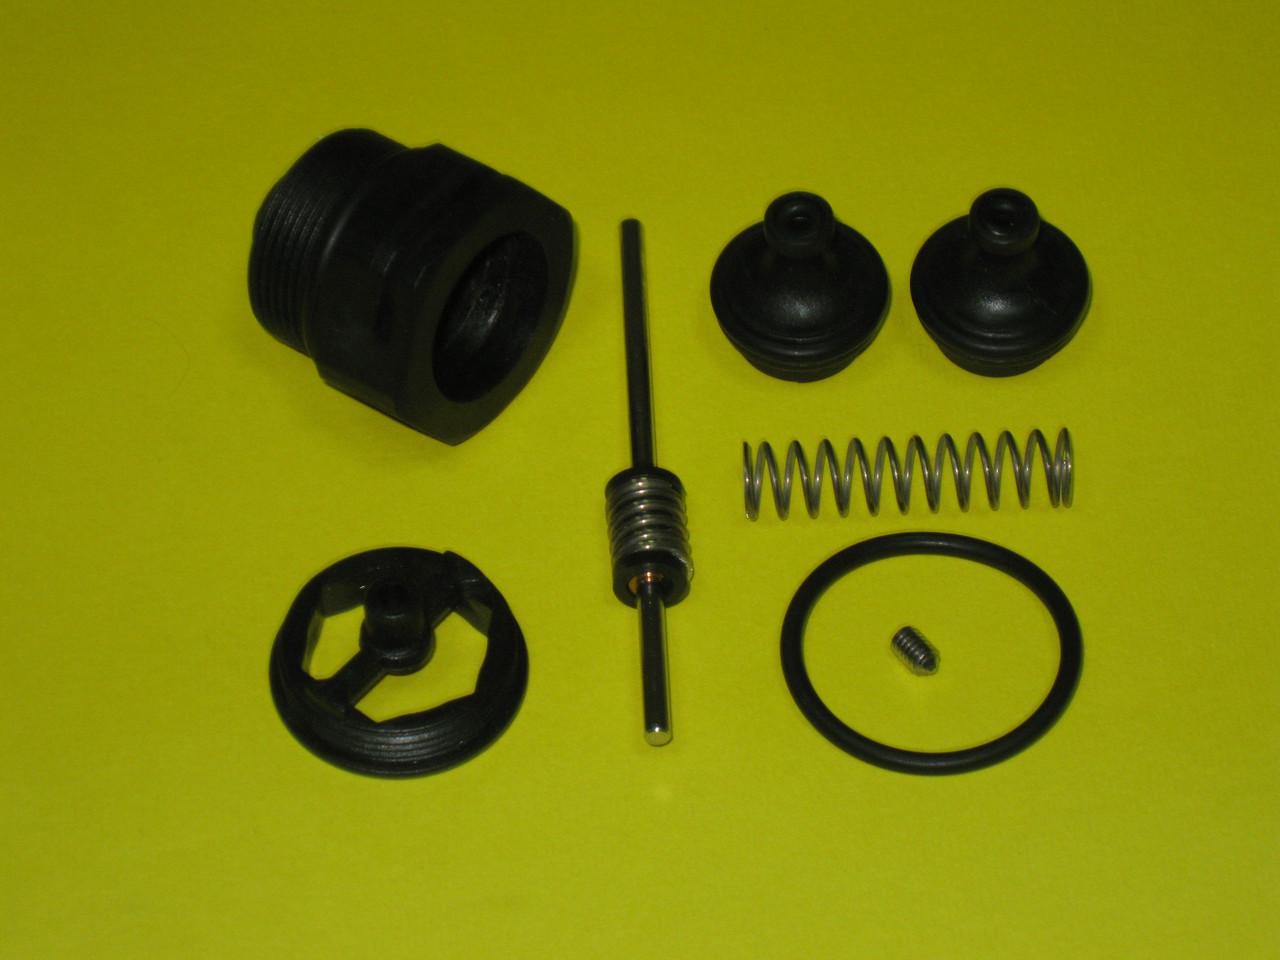 Ремкомплект трехходового клапана H010006037 (10006037) Hermann Micra 2 (новый), Tiberis